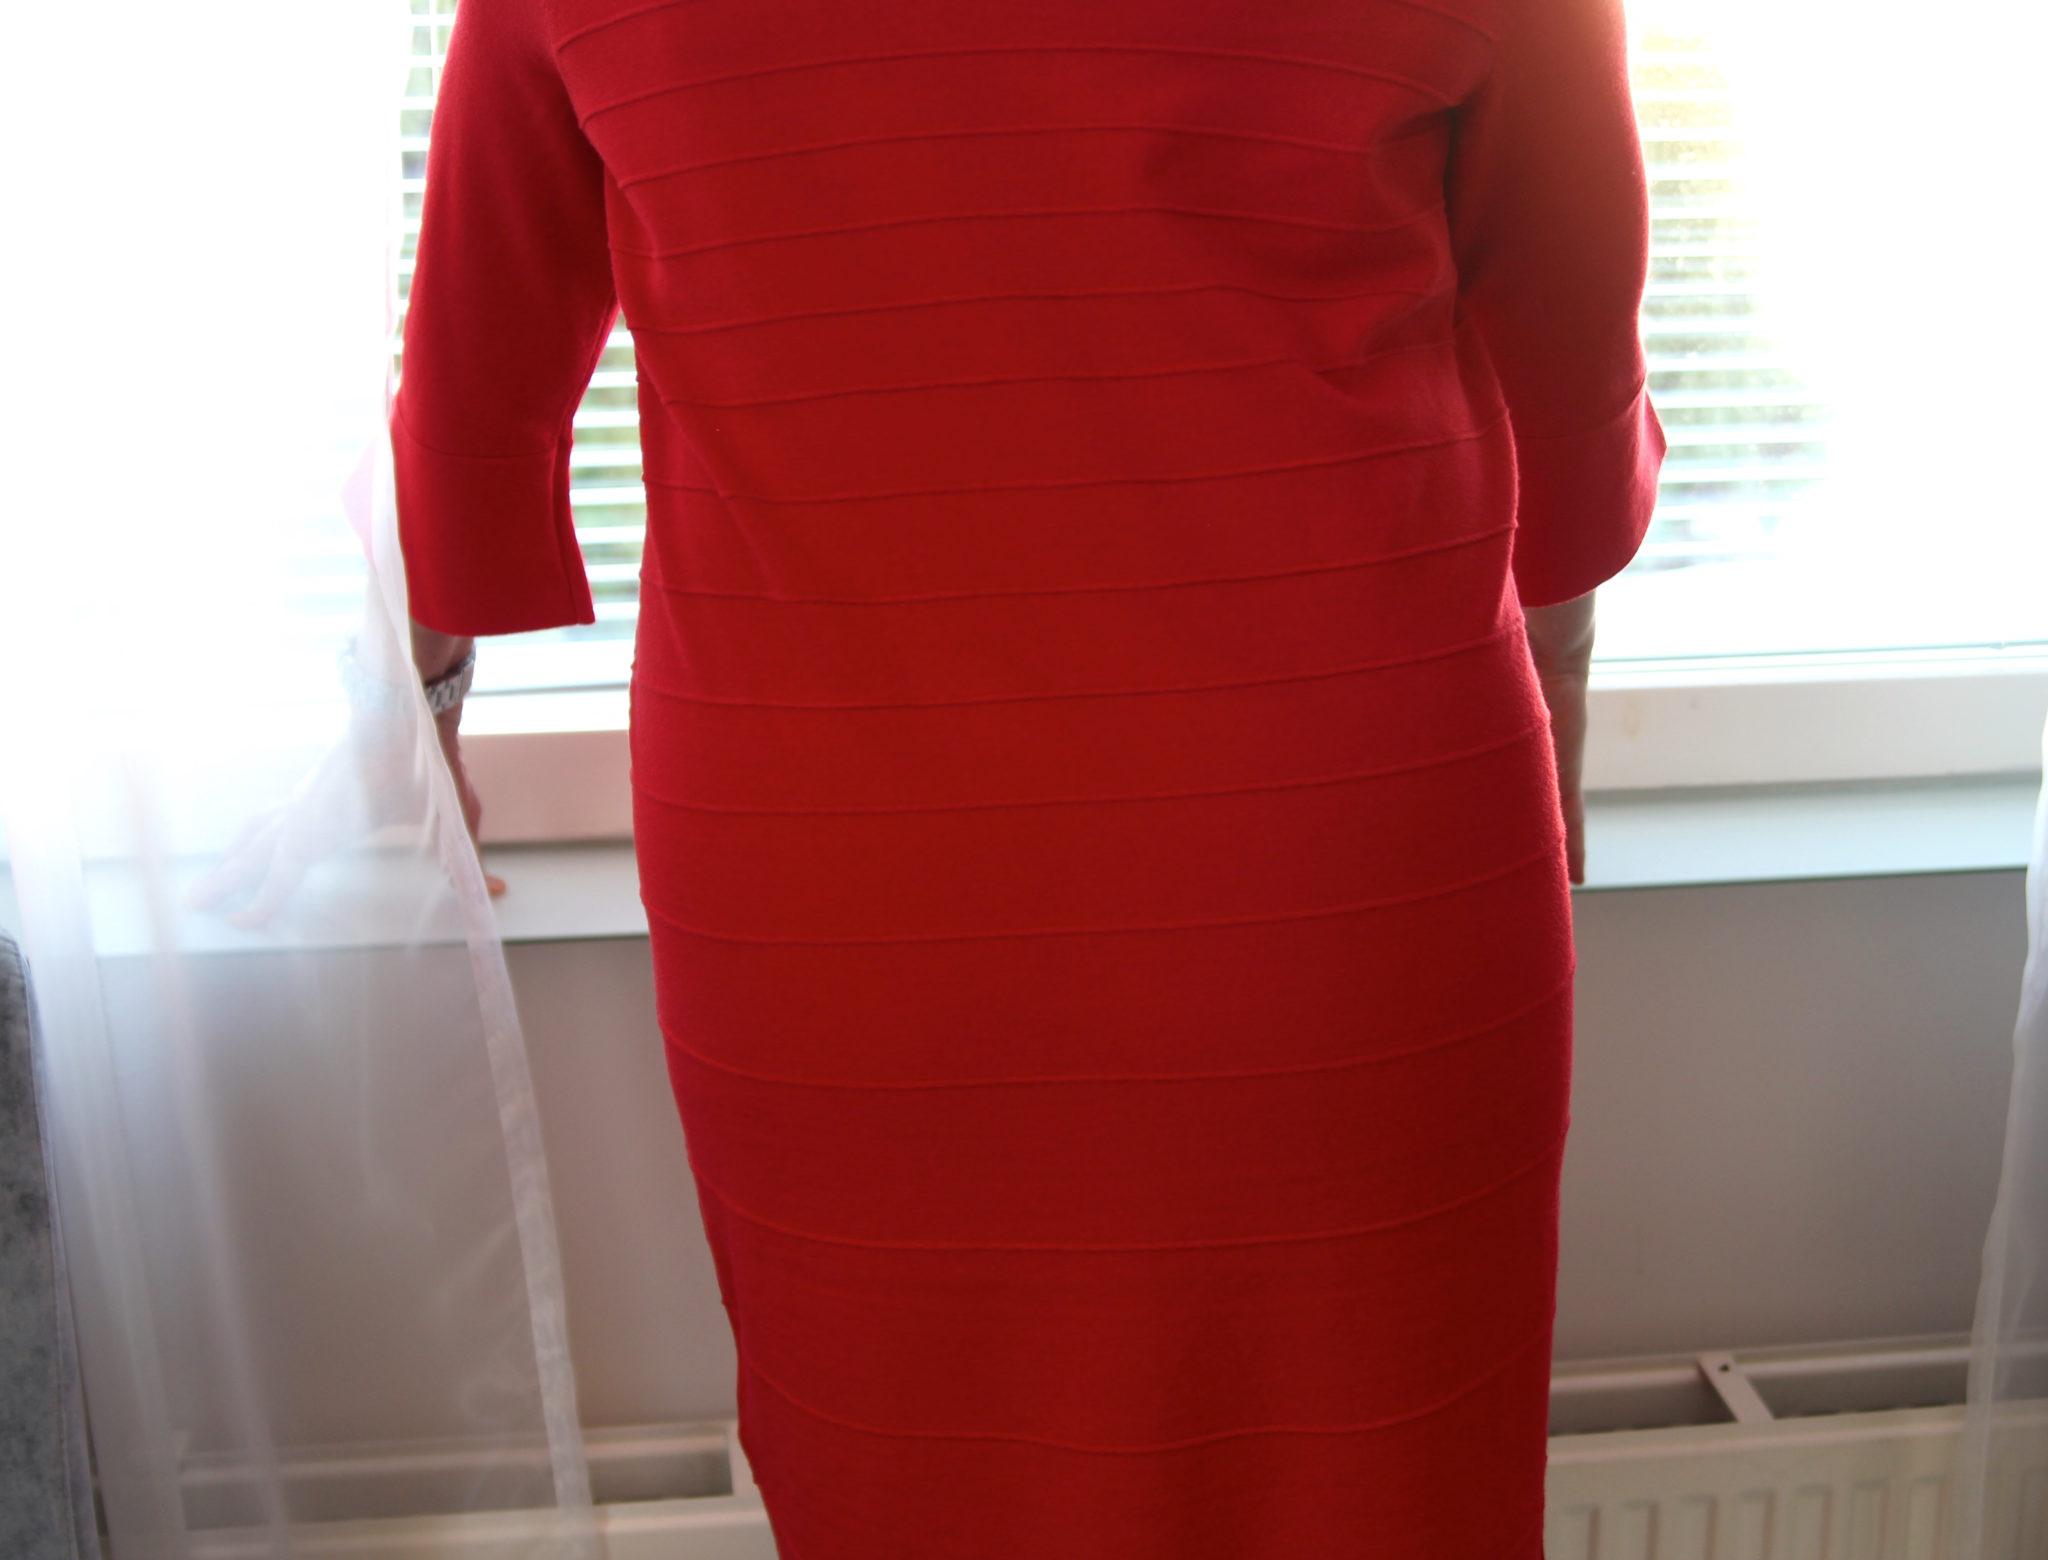 Ihastuttava alusvaatetrendi hurmasi naiset – rintojen luonnollinen muoto saa nyt näkyä